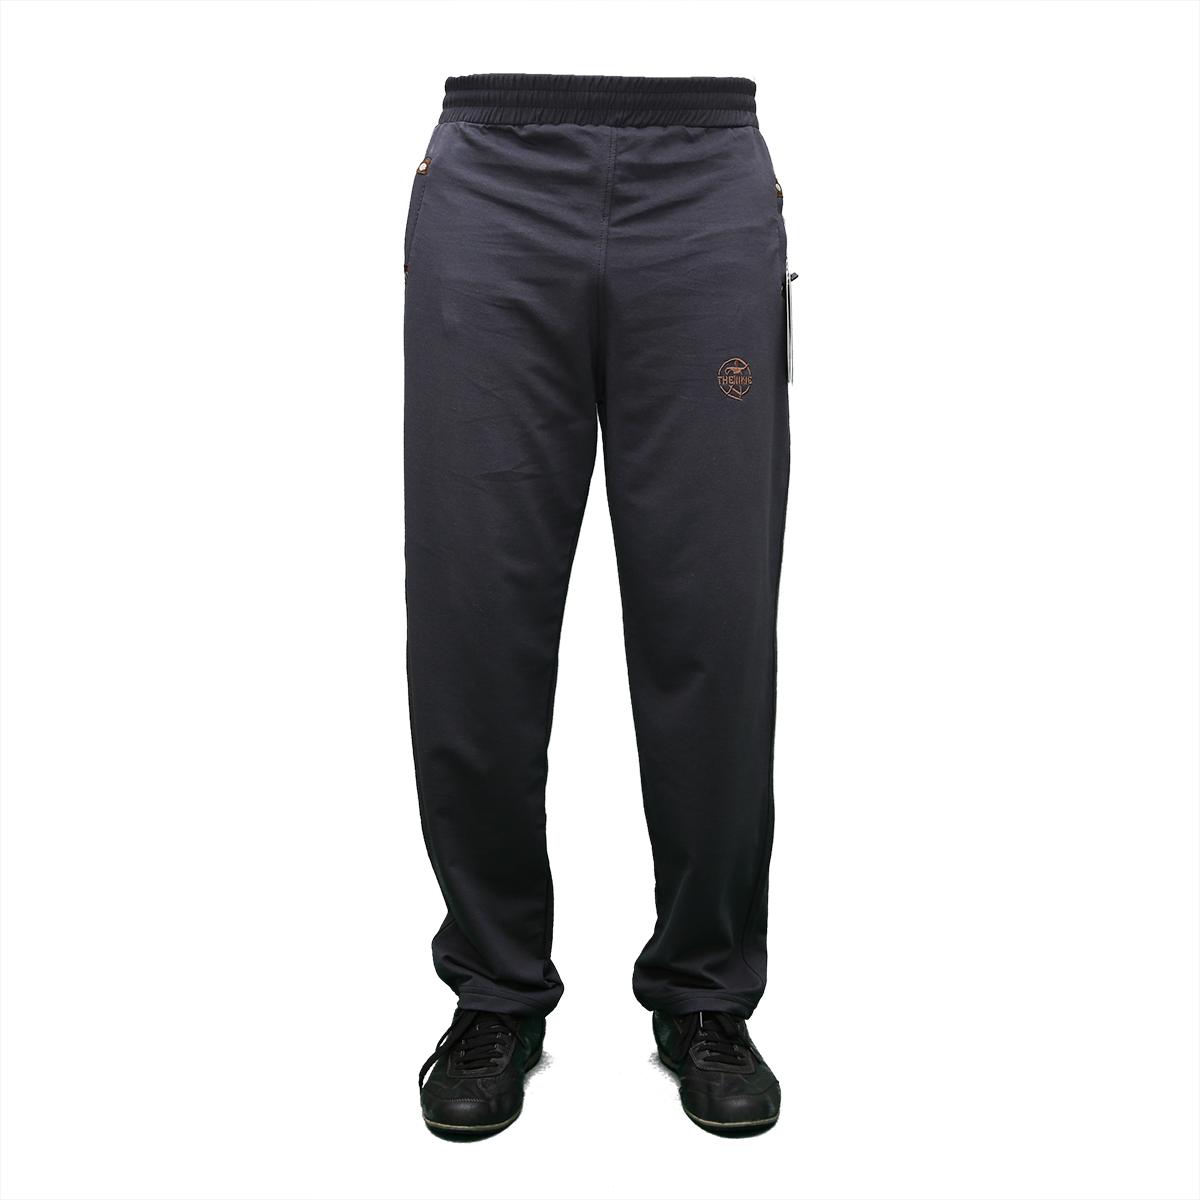 Мужские трикотажные брюки ОПТОМ пр-во Турция 3014